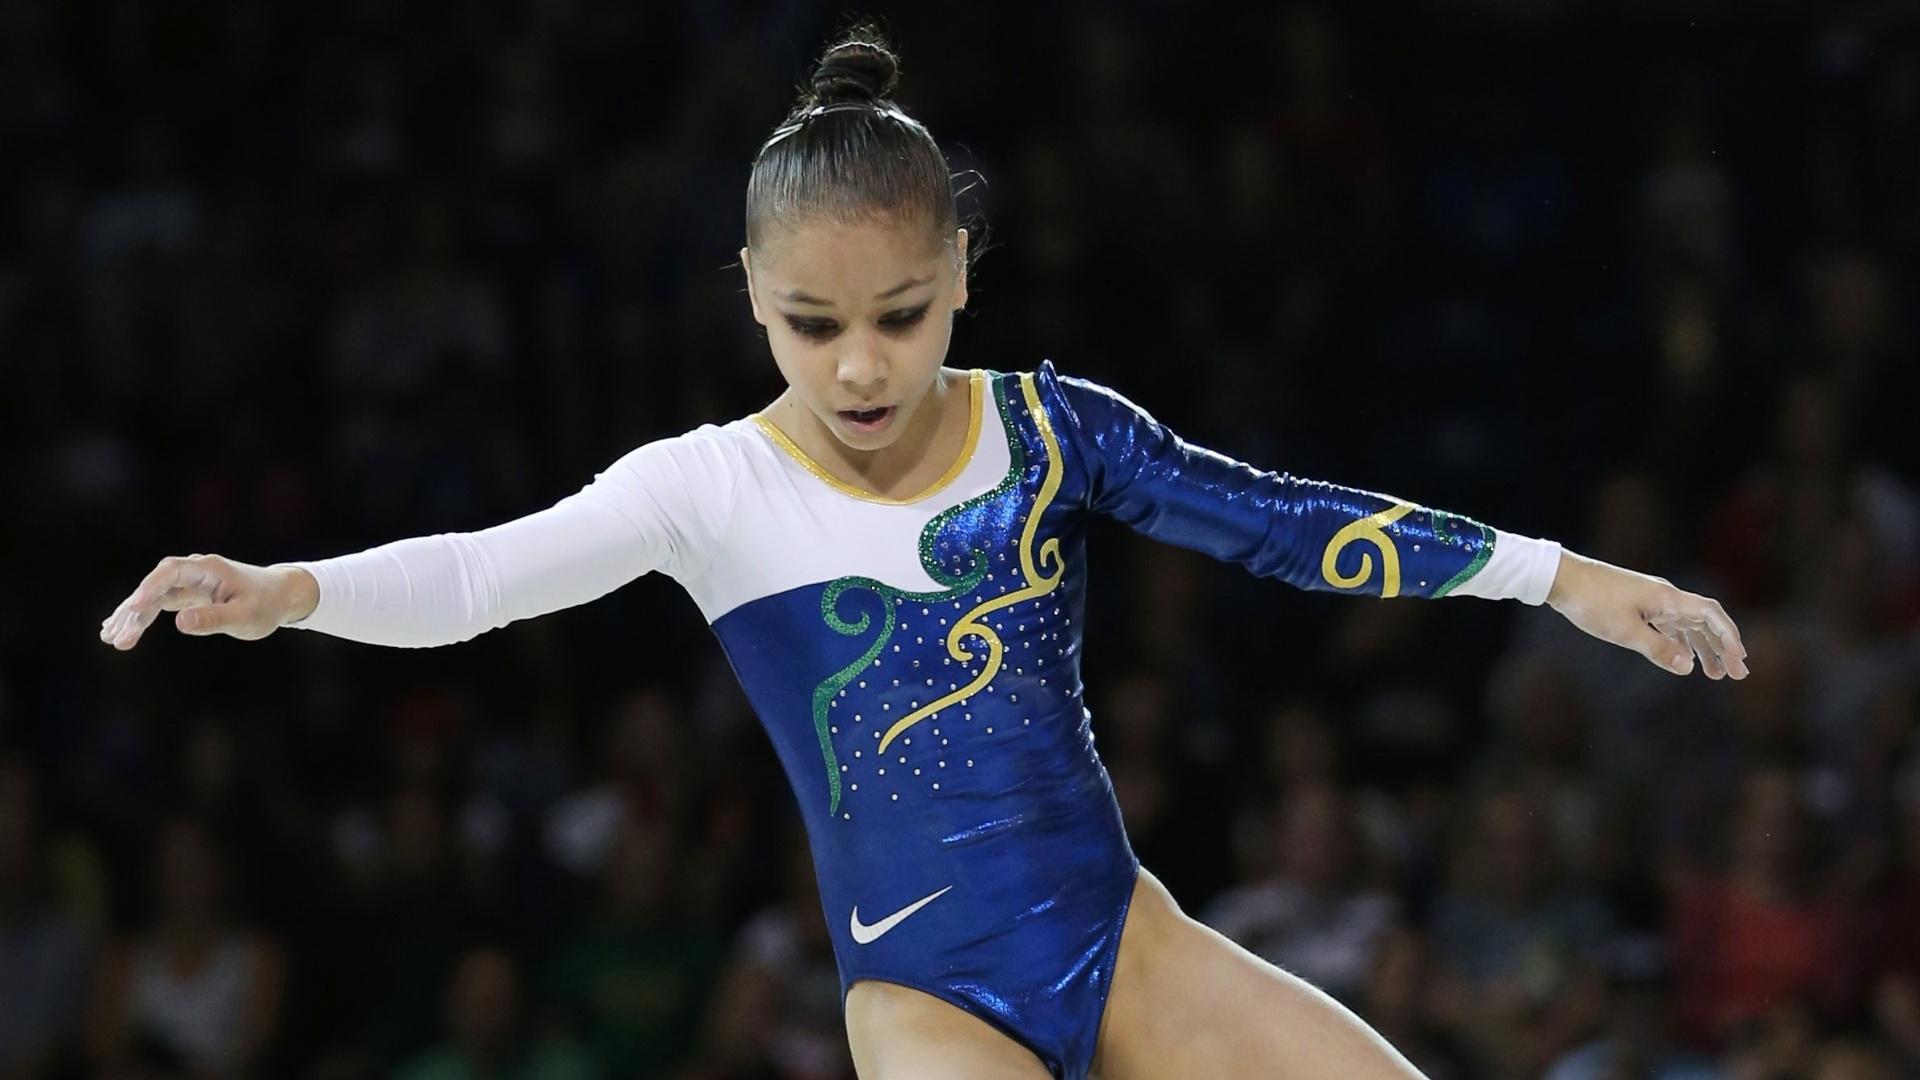 Flavia Saraiva cai durante apresentação no trave. Brasileira terminou na quinta colocação